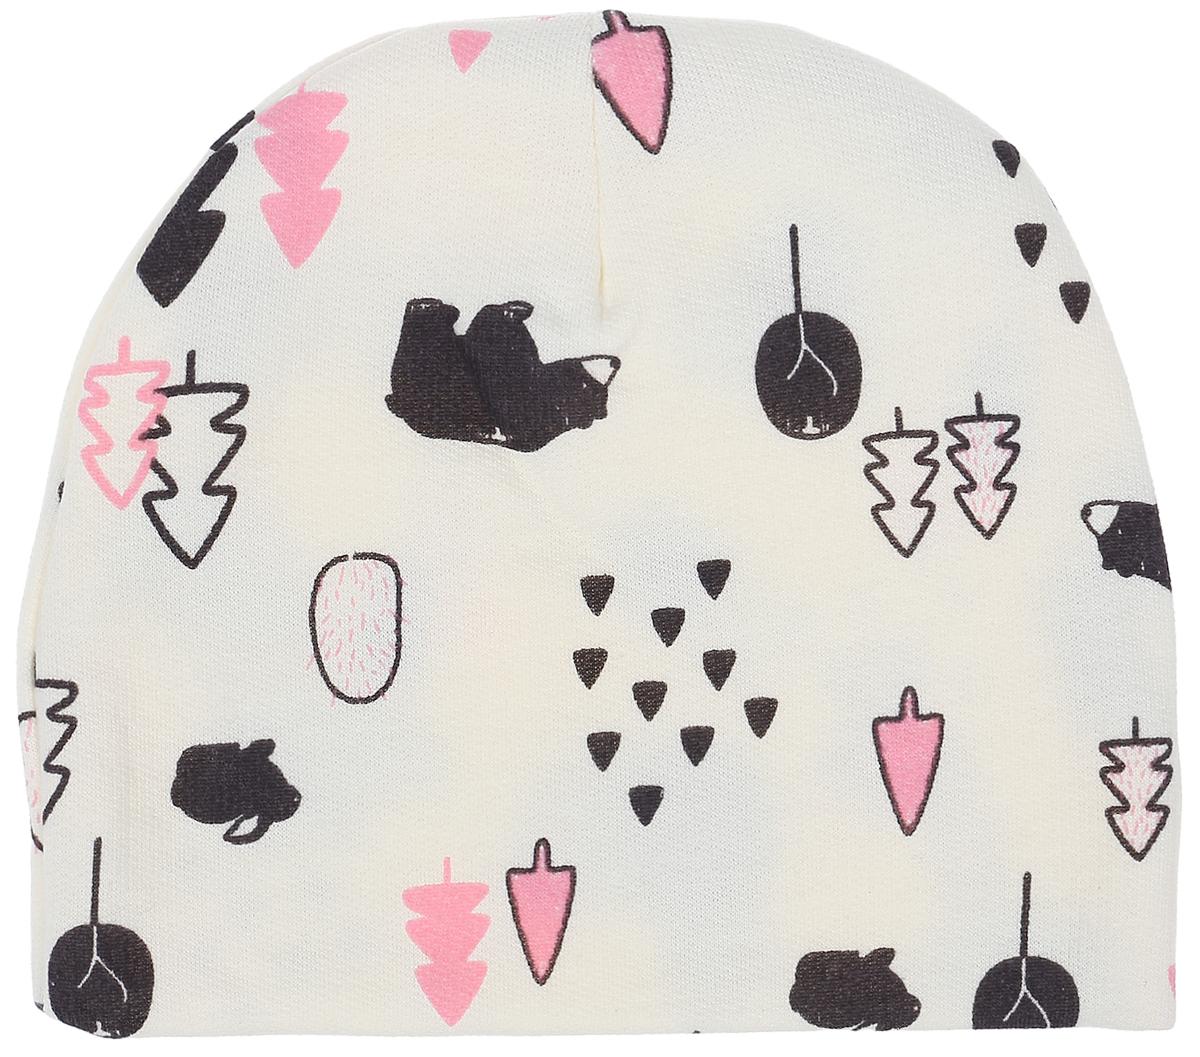 Шапочка для девочки КотМарКот, цвет: молочный, розовый. 8517. Размер 408517Комфортная шапочка КотМарКот изготовлена из натурального хлопка. Шапочка необходима любому младенцу, она защищает еще не заросший родничок, щадит чувствительный слух малыша, прикрывая ушки, а также предохраняет от теплопотери. Модель оформлена принтом.